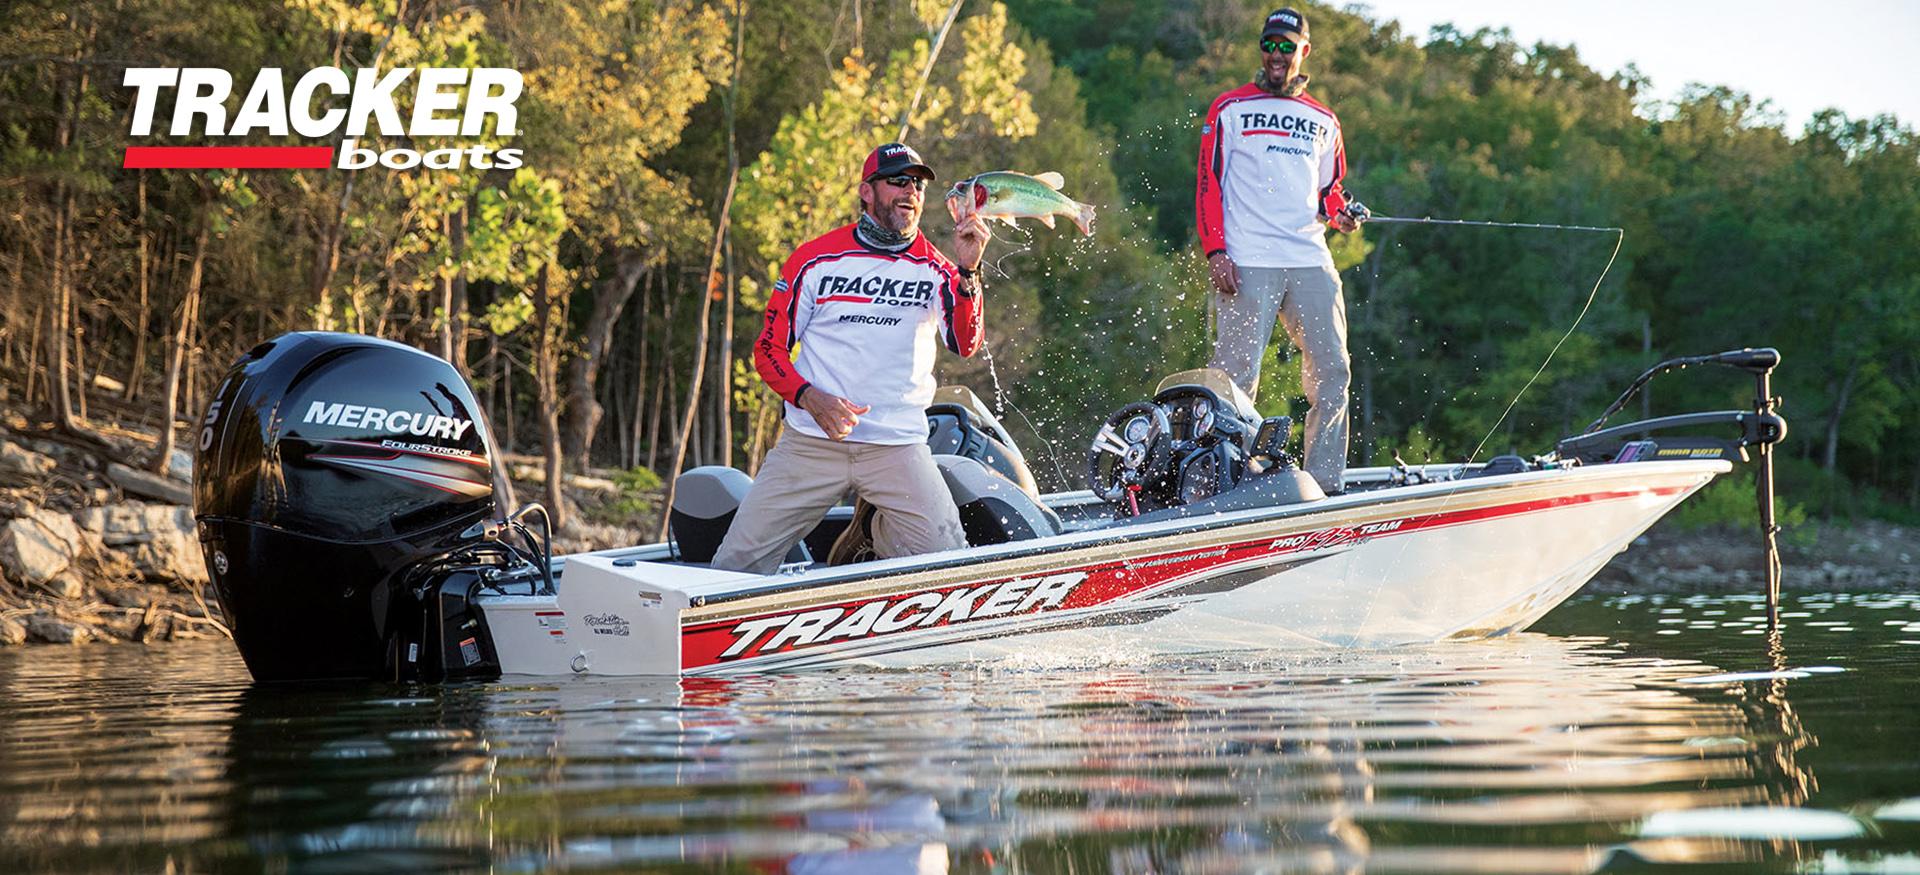 Tracker boats pro team 195